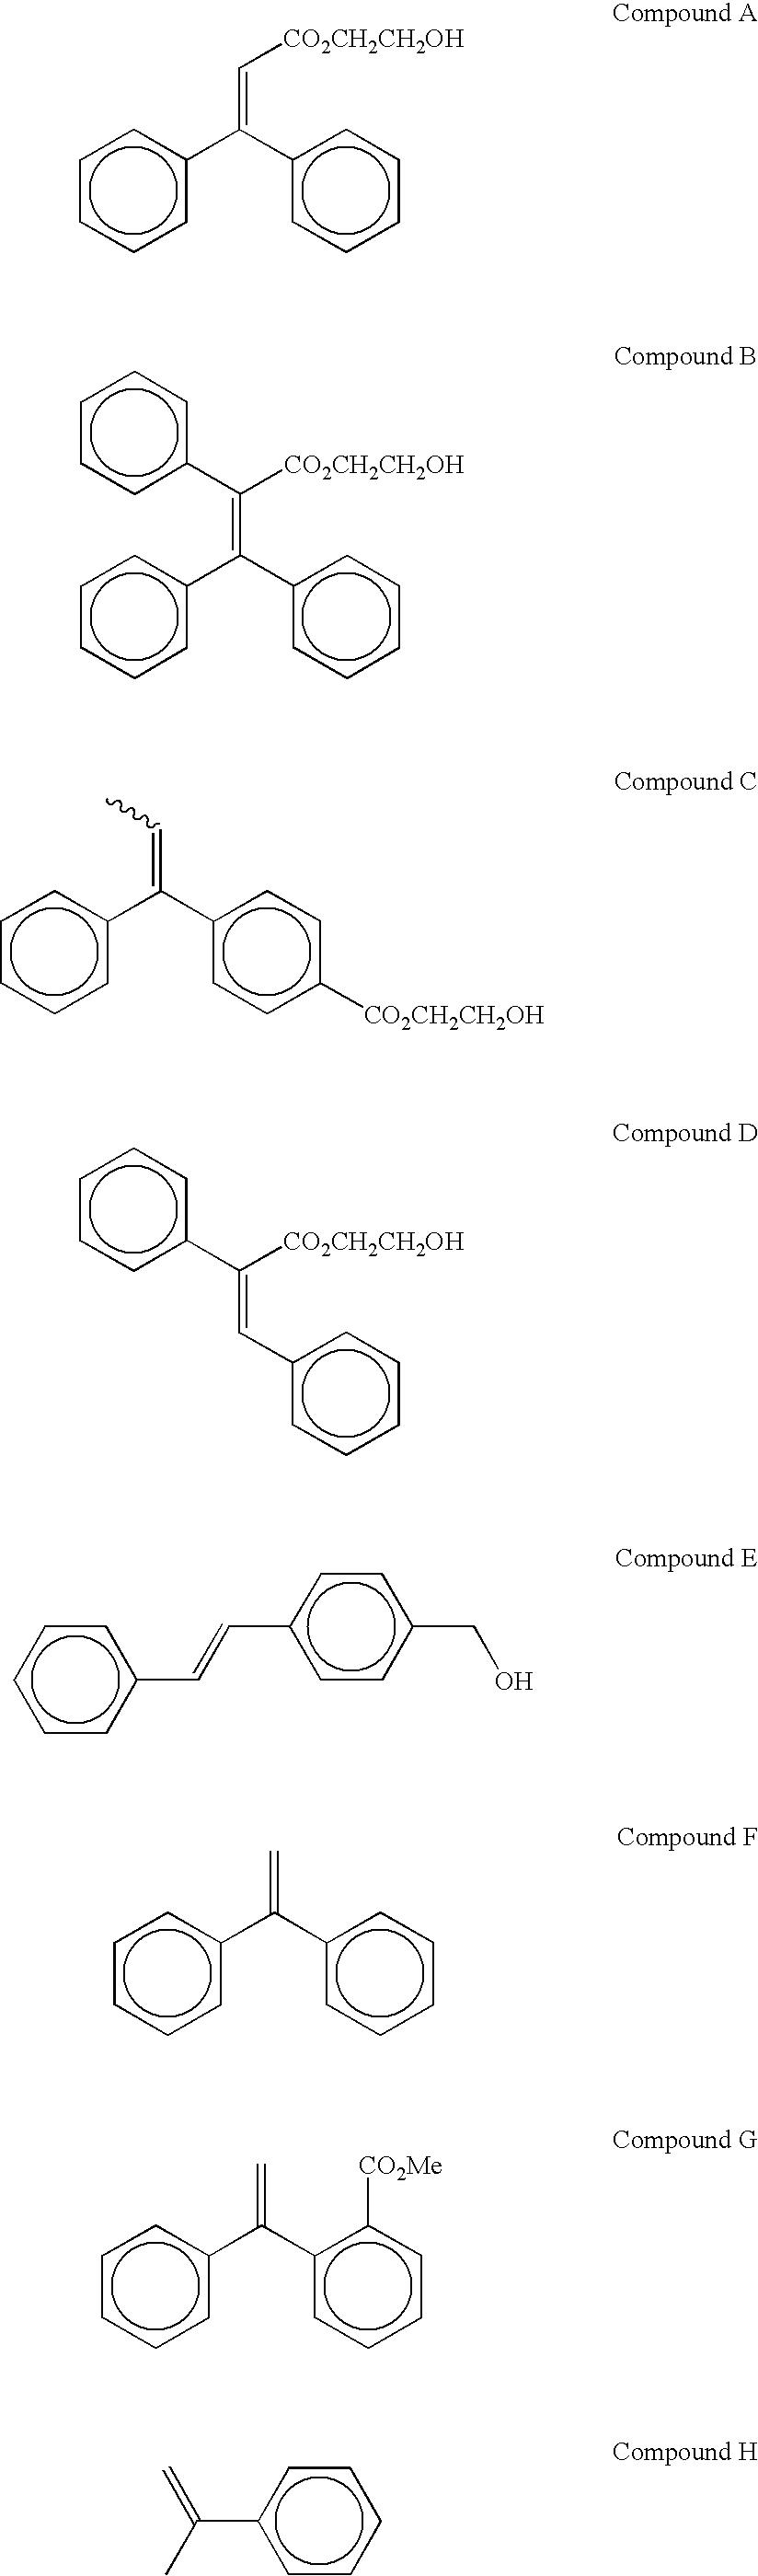 Figure US20100273096A1-20101028-C00015